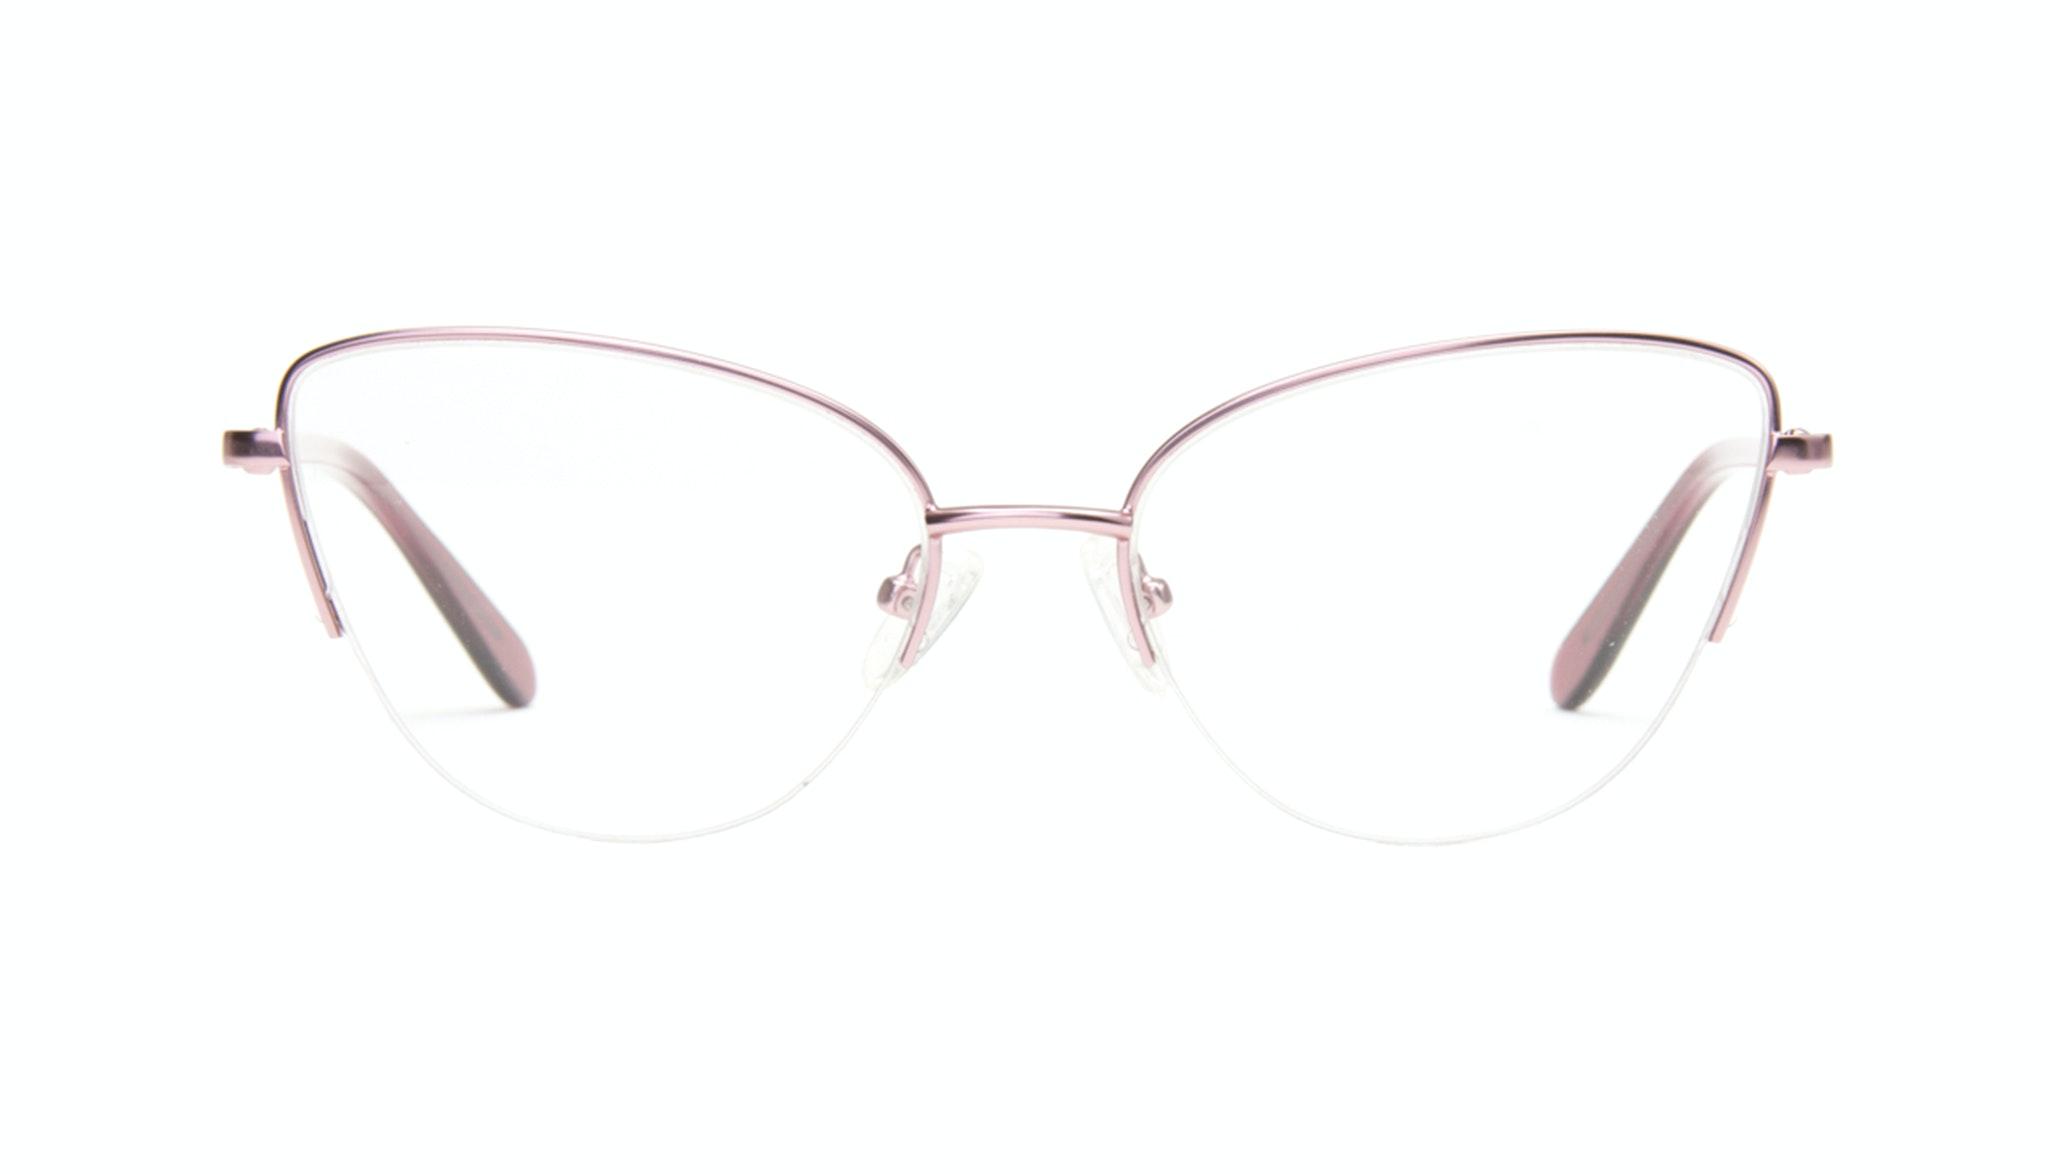 Lunettes tendance Oeil de chat Optiques Femmes Airy  Rose Marble